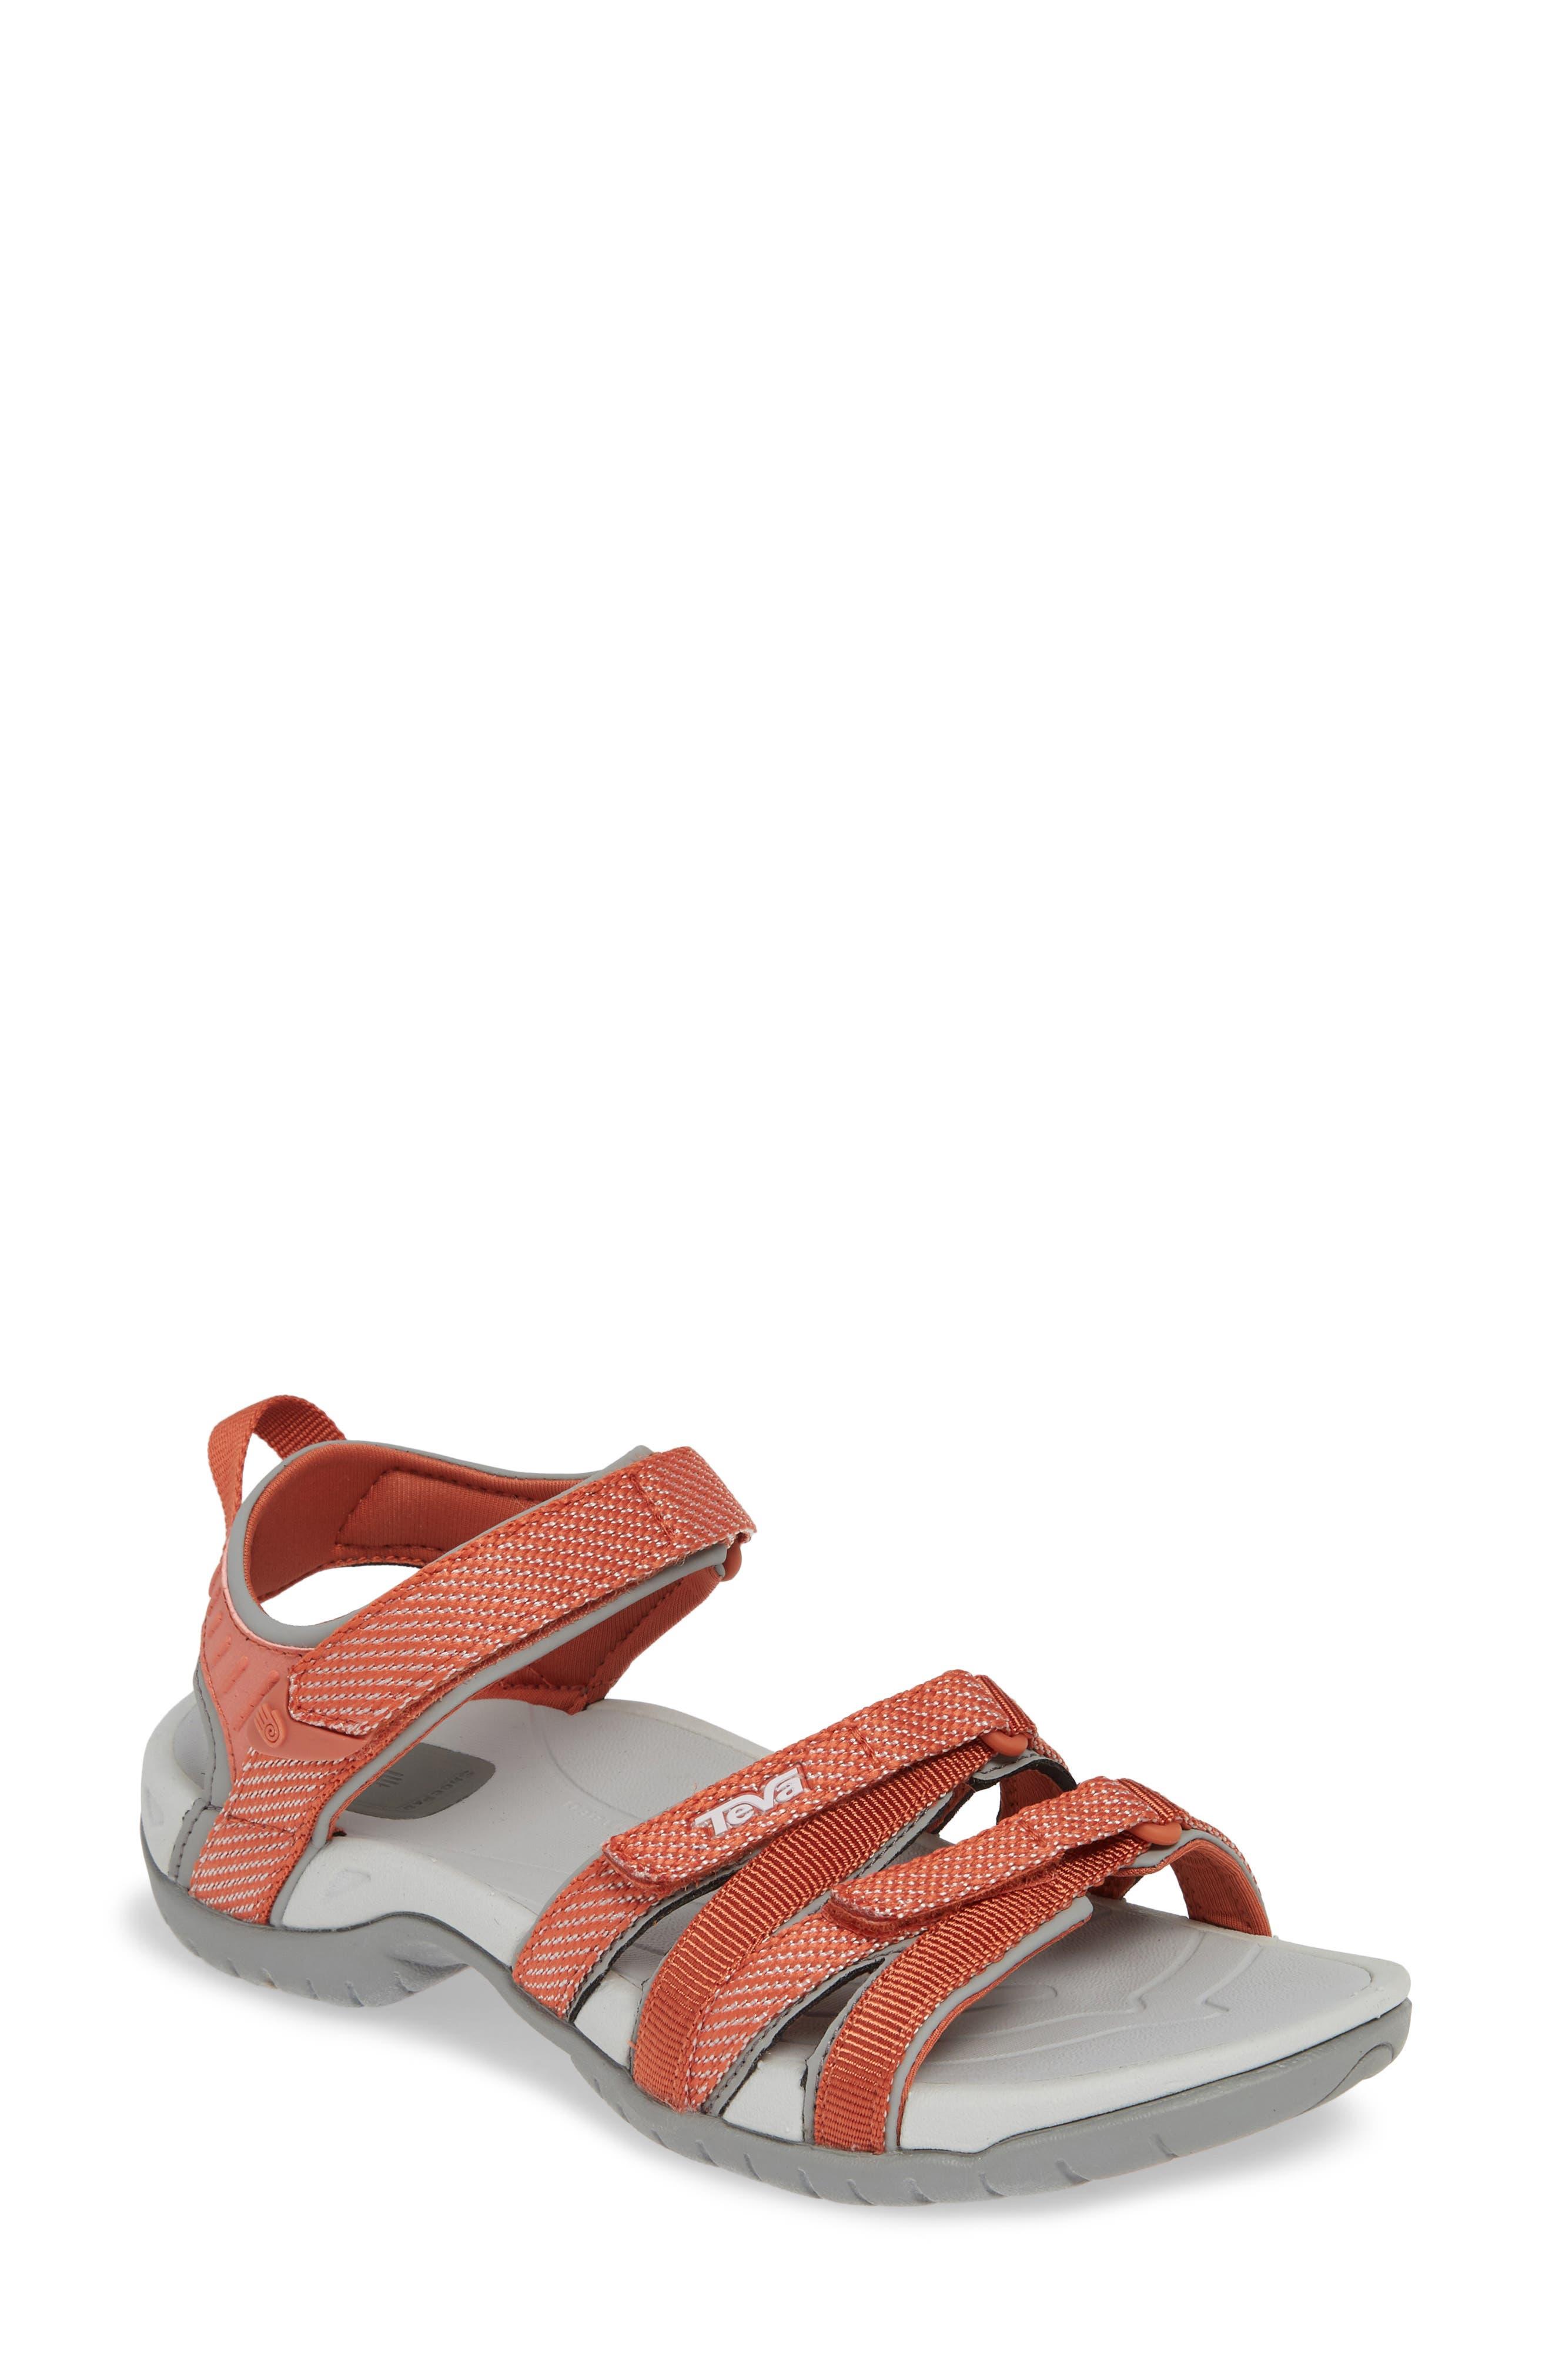 Teva Sandals 'Tirra' Sandal